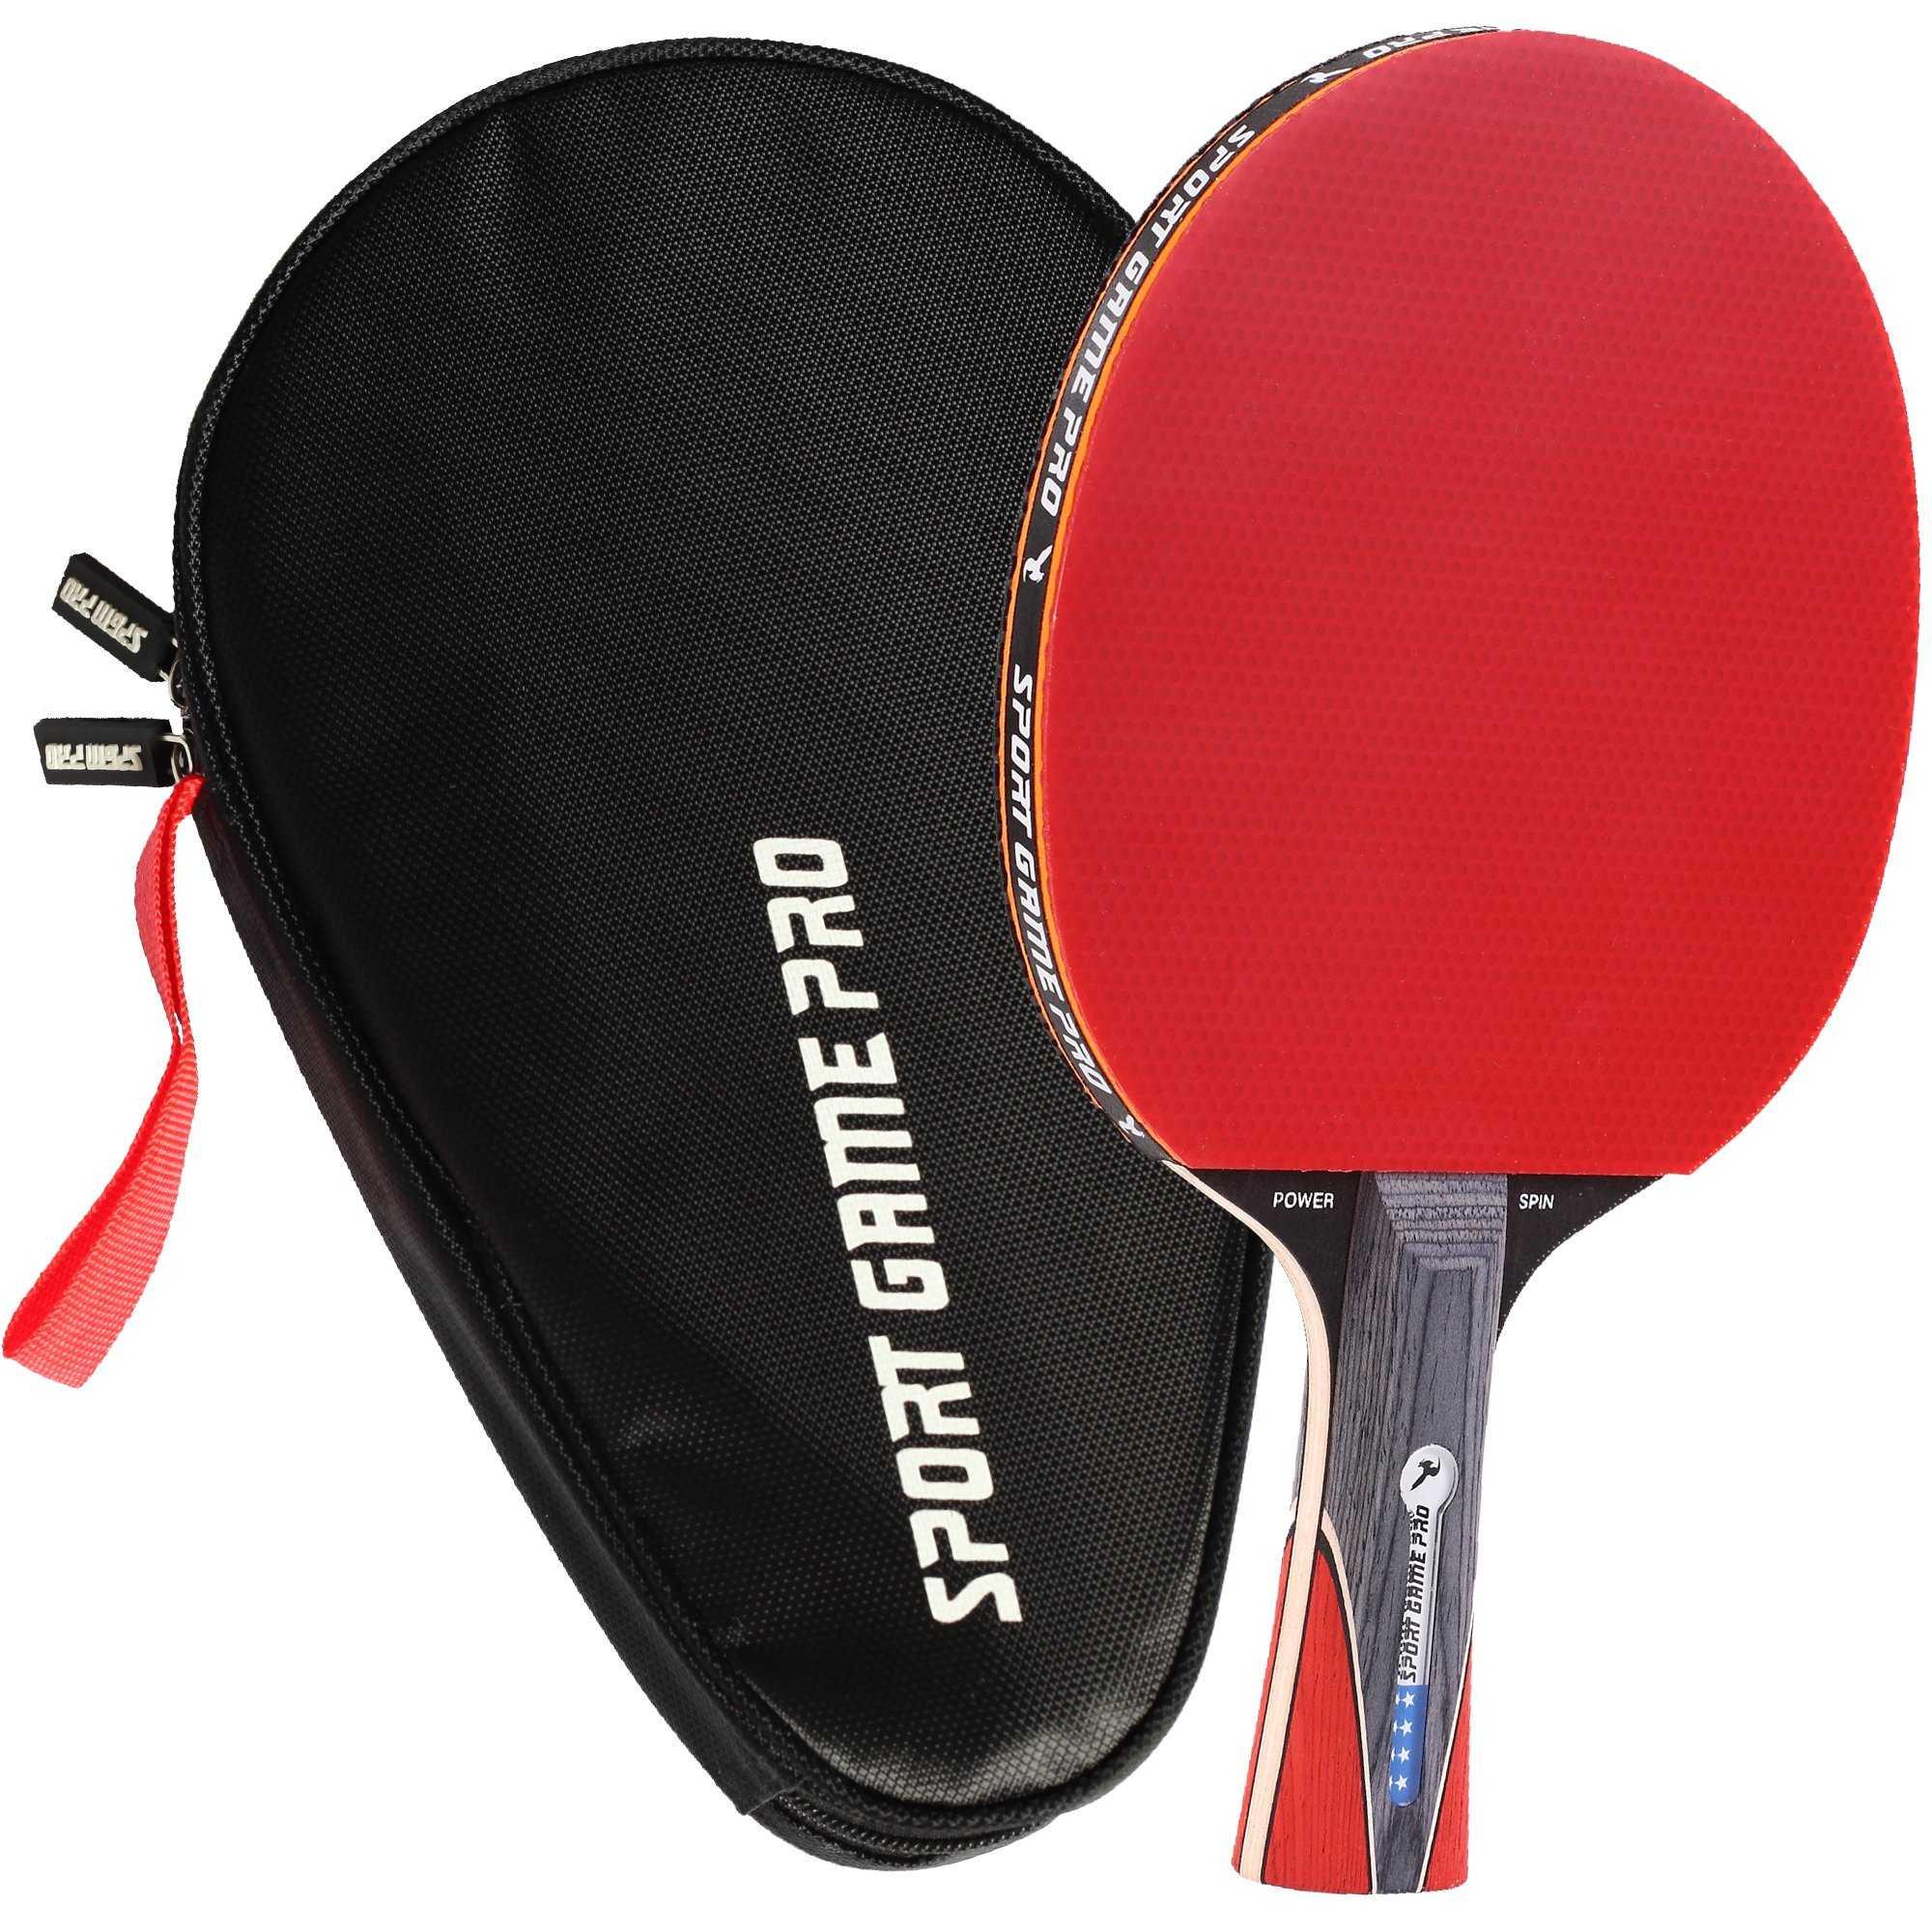 Ракетки для настольного тенниса - виды, характеристики, как выбрать